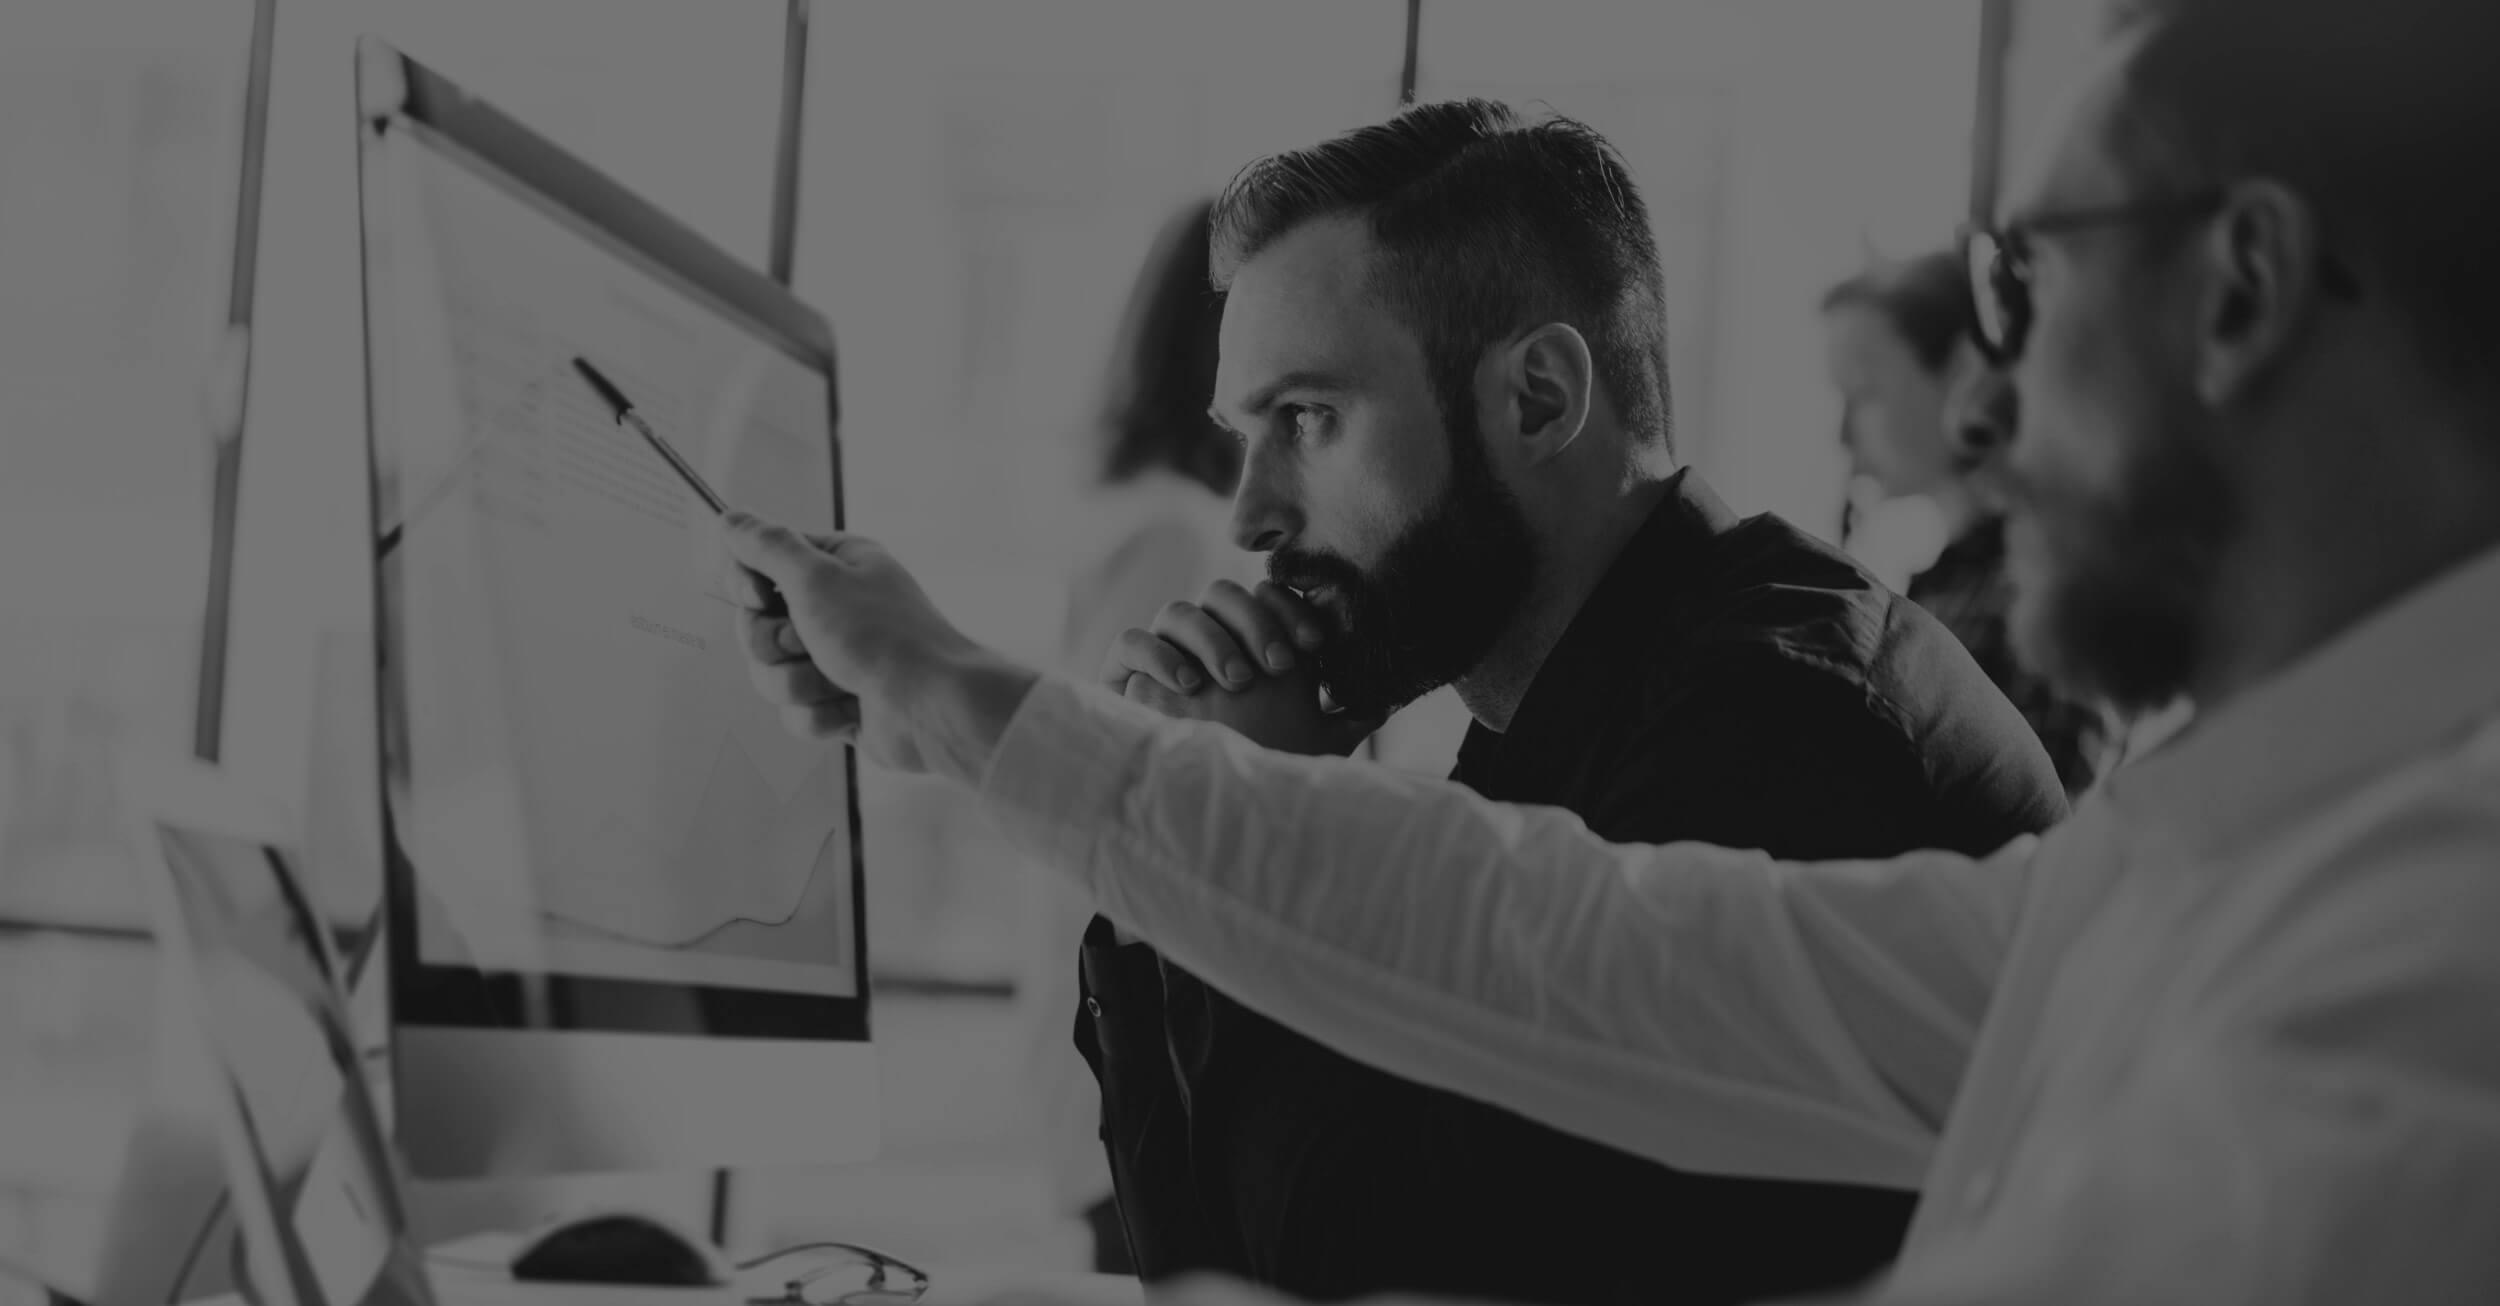 ¿Qué es SEO y cómo puede ayudar a tu negocio?